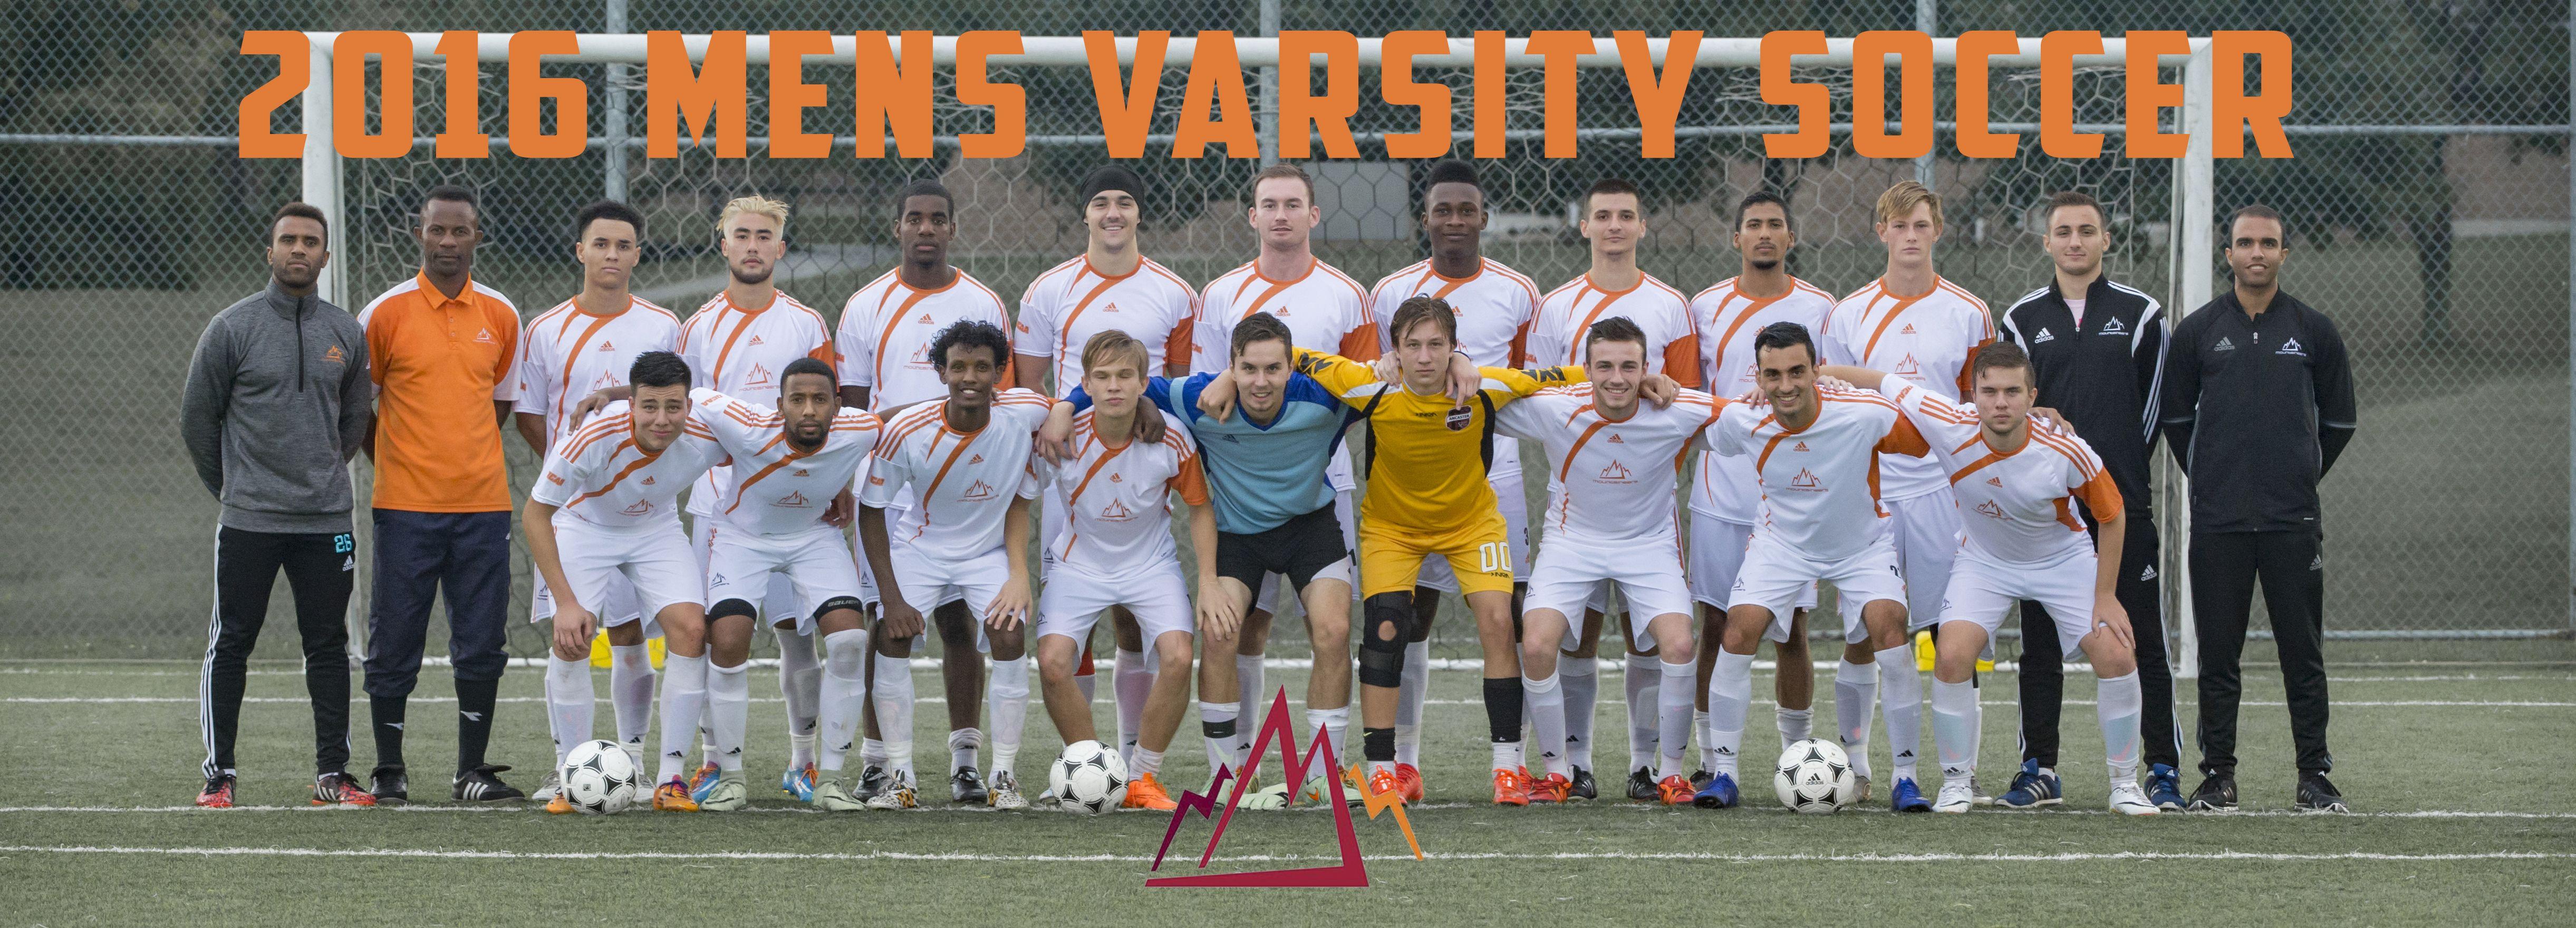 Men S 2016 17 Varsity Soccer Team Varsity Men S Soccer Teams Teams